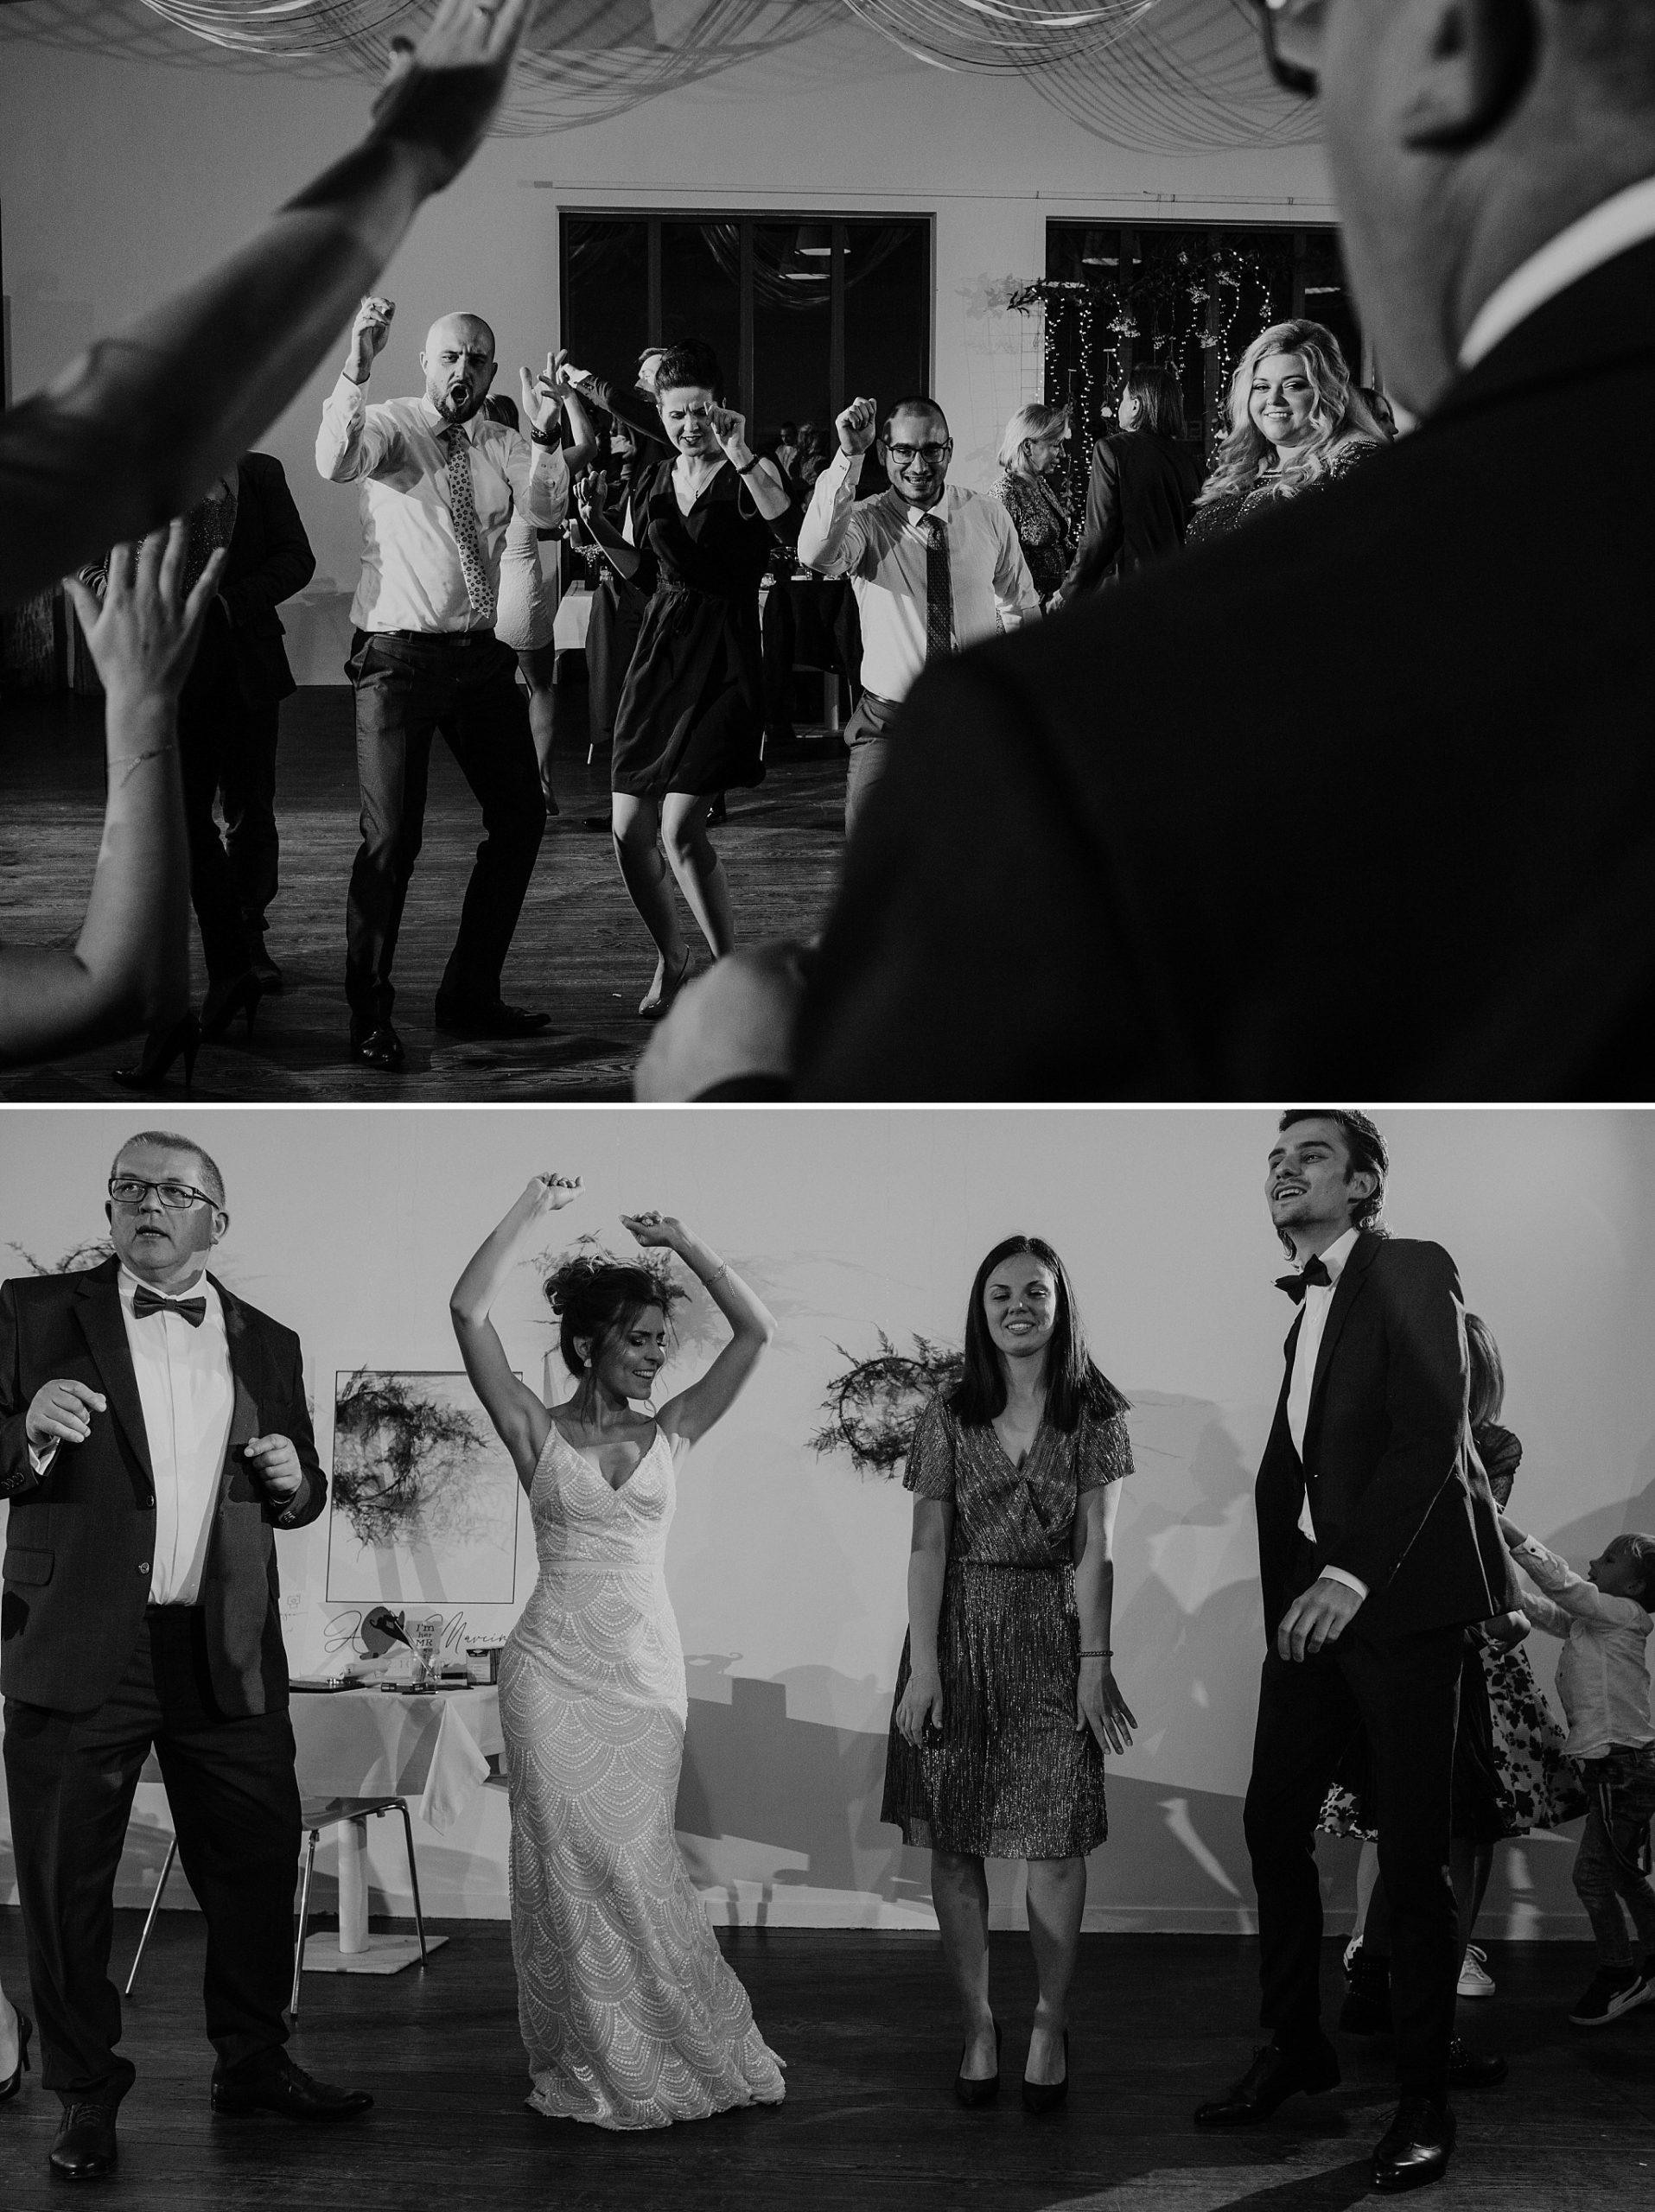 fotograf poznan wesele dobra truskawka piekne wesele pod poznaniem wesele w dobrej truskawce piekna para mloda slub marzen slub koronawirus slub listopad wesele koronawirus 382 scaled